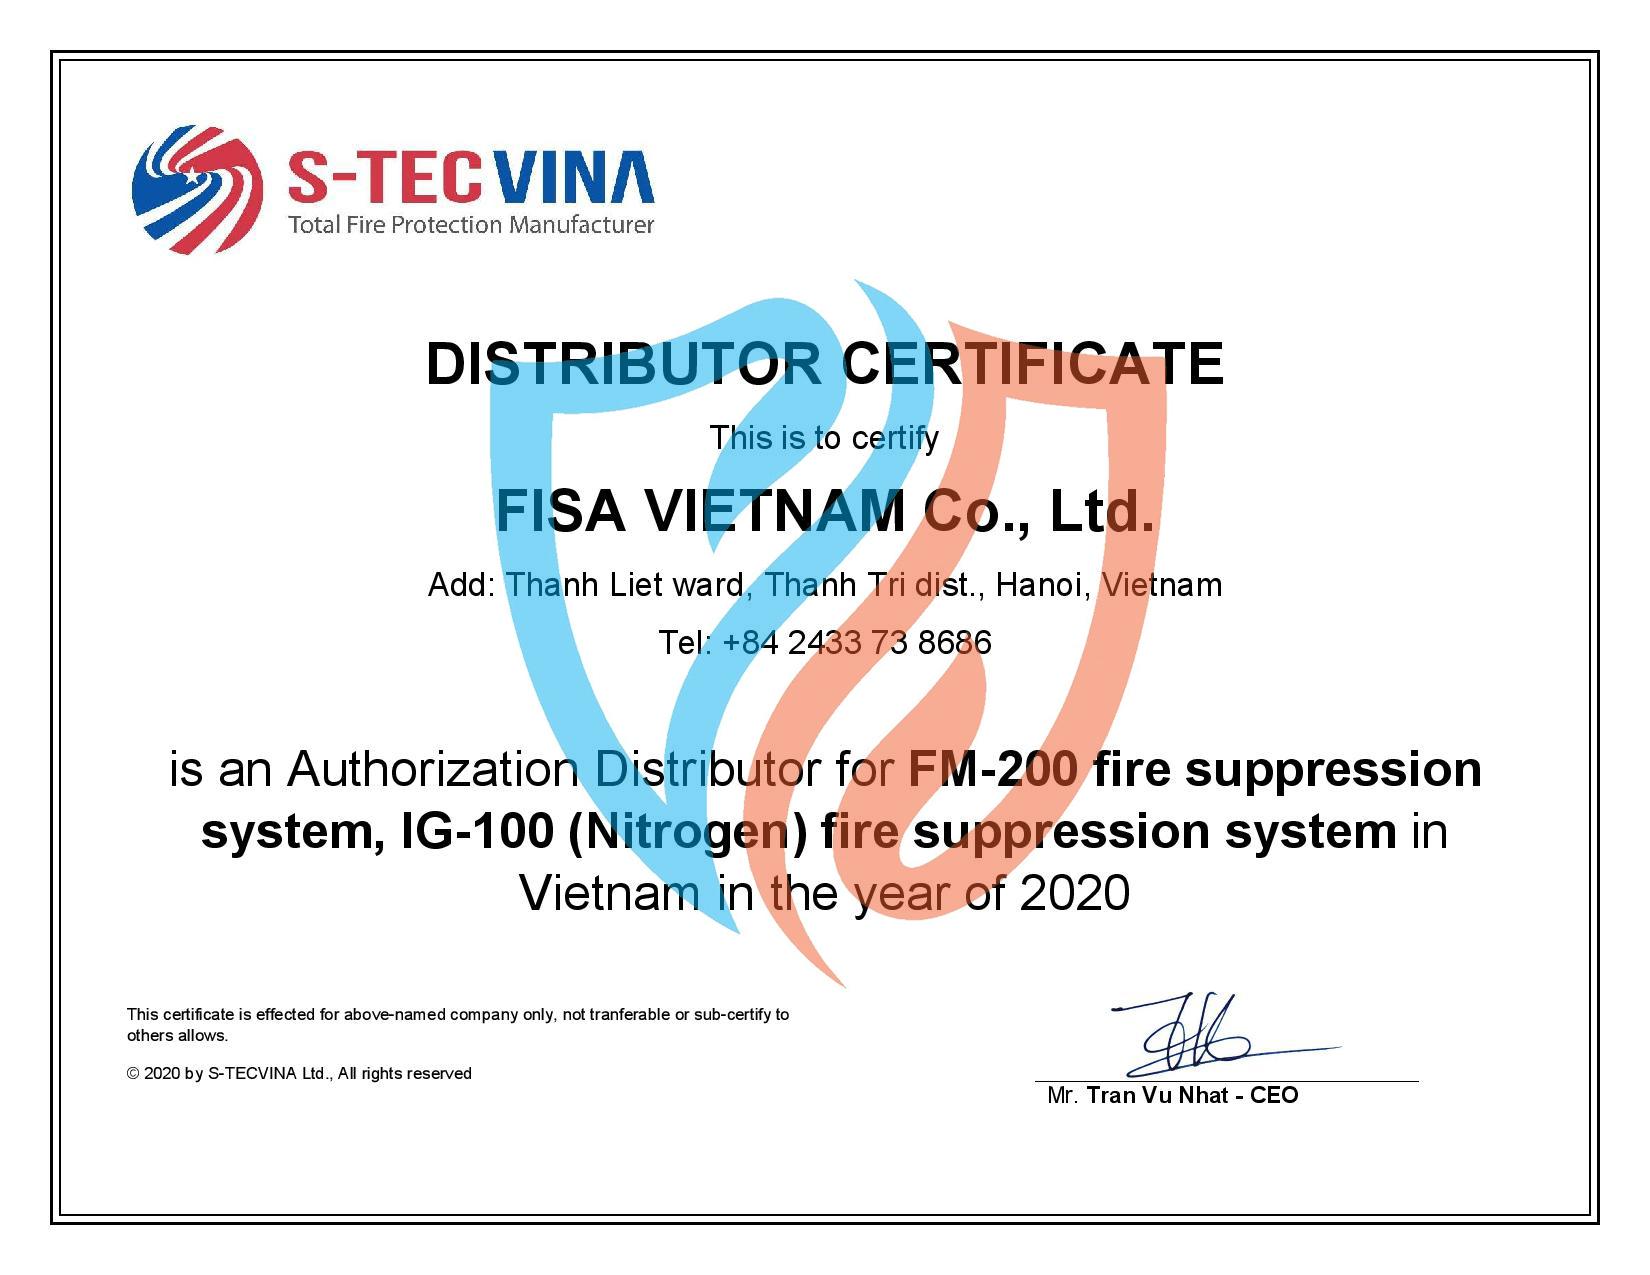 Chứng nhận GST với FISA Việt Nam